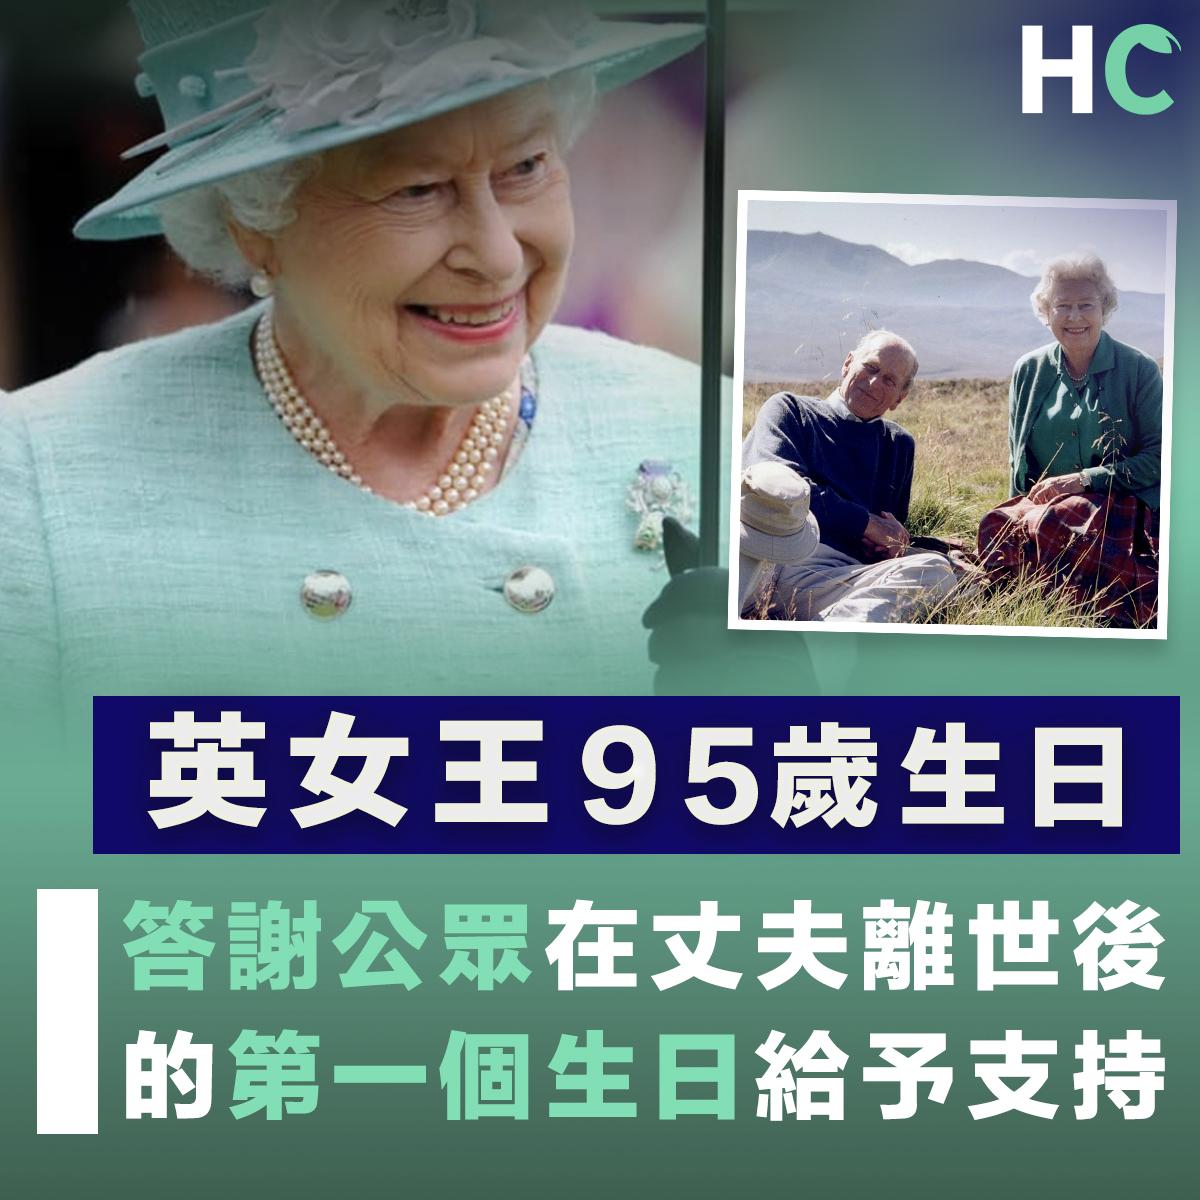 英女皇伊利沙伯二世95歲生日 答謝人民於丈夫逝世後支持